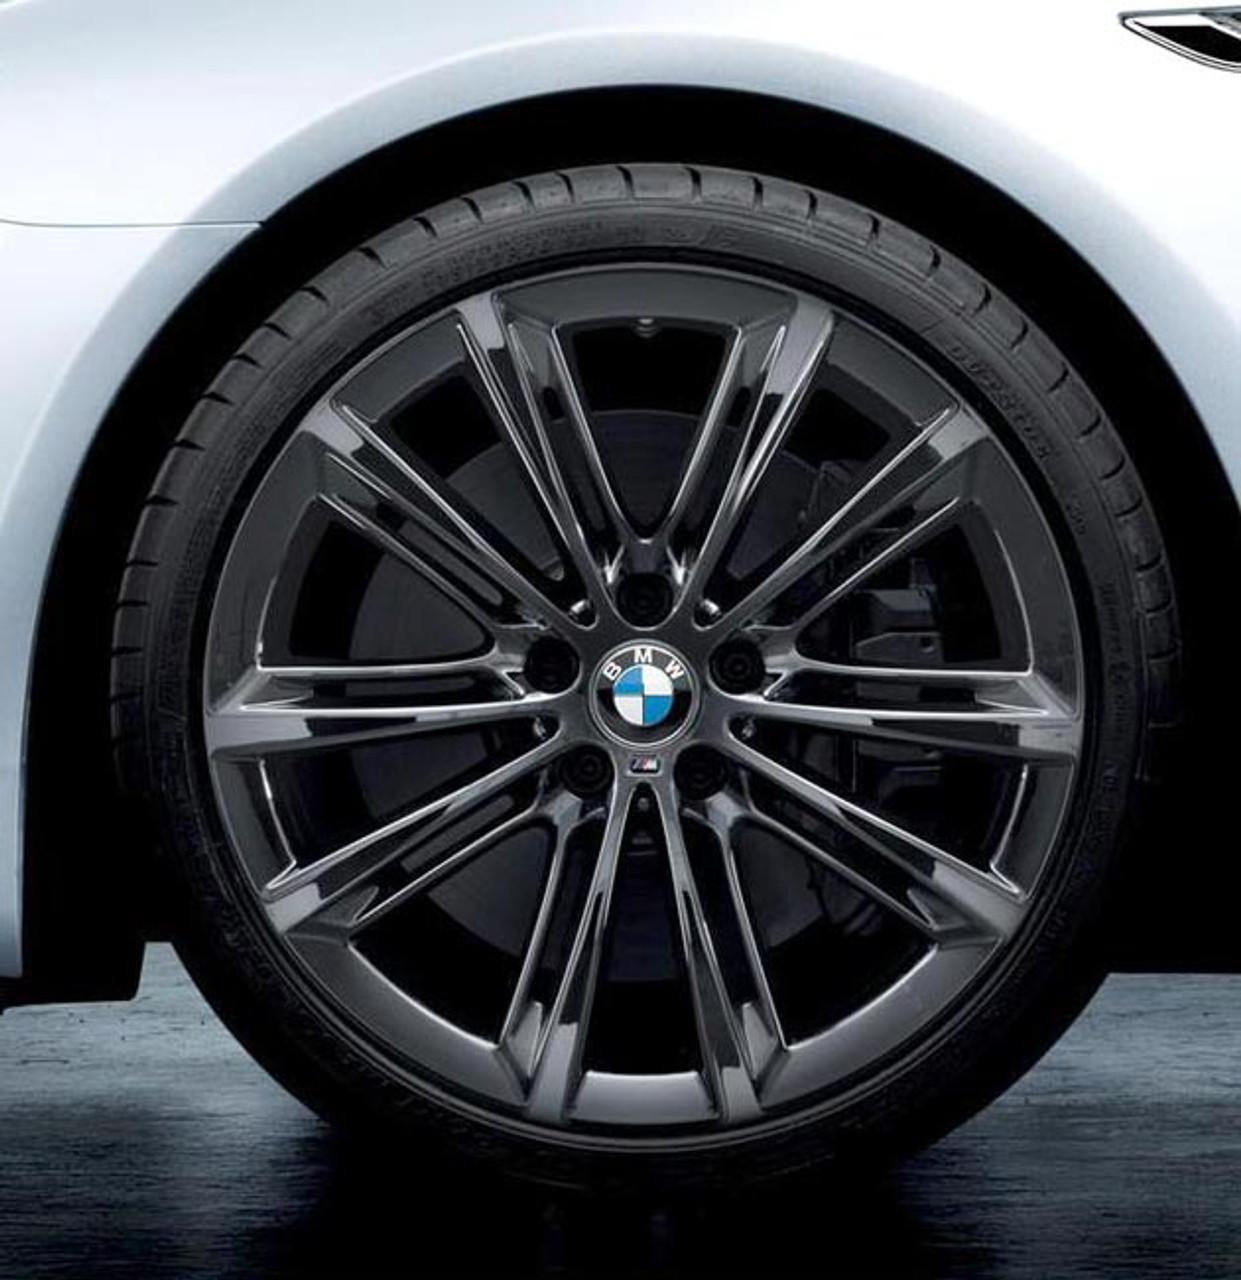 BMW 20x9 Rear Wheel, V-Spoke 464M, Black